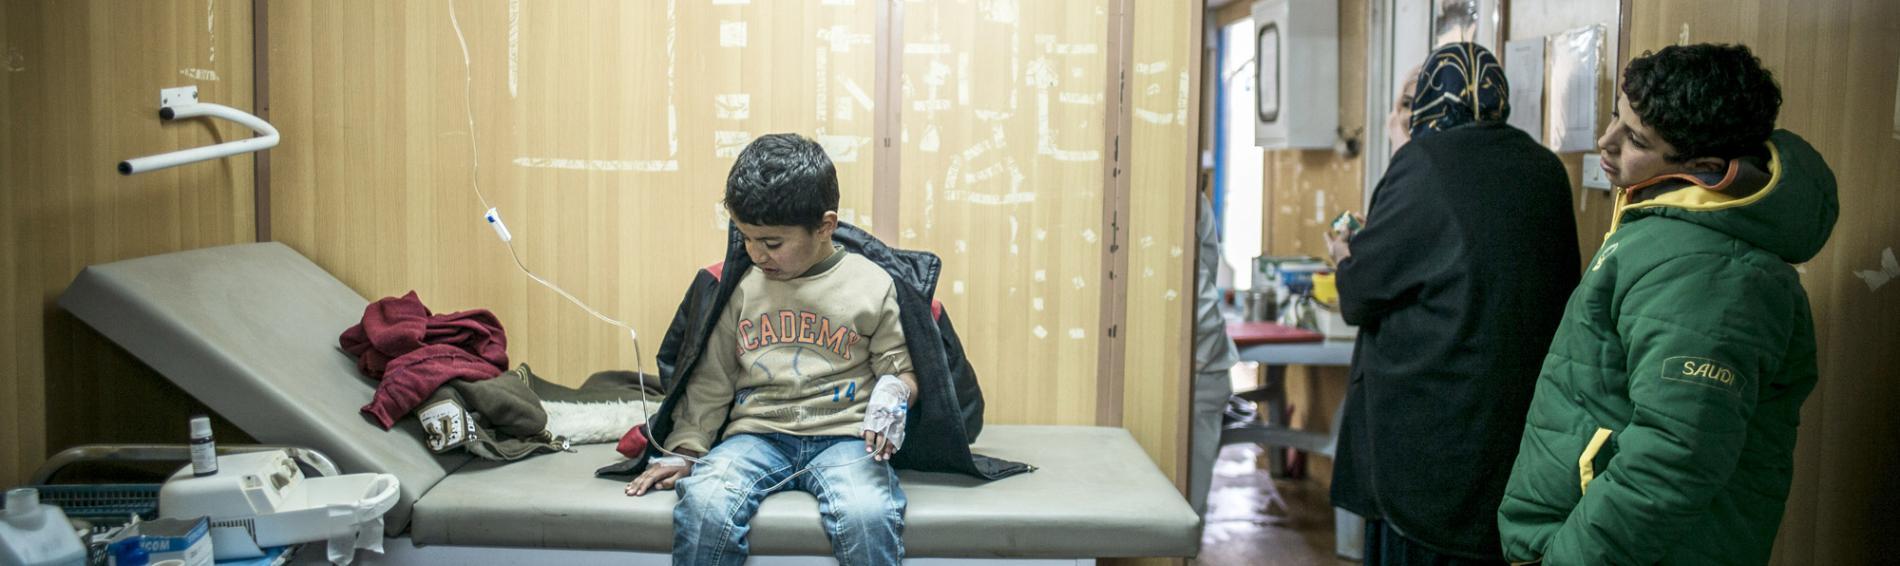 Medizinische Konsultationen im Zaatari Camp. Foto: Olivier Papegnies